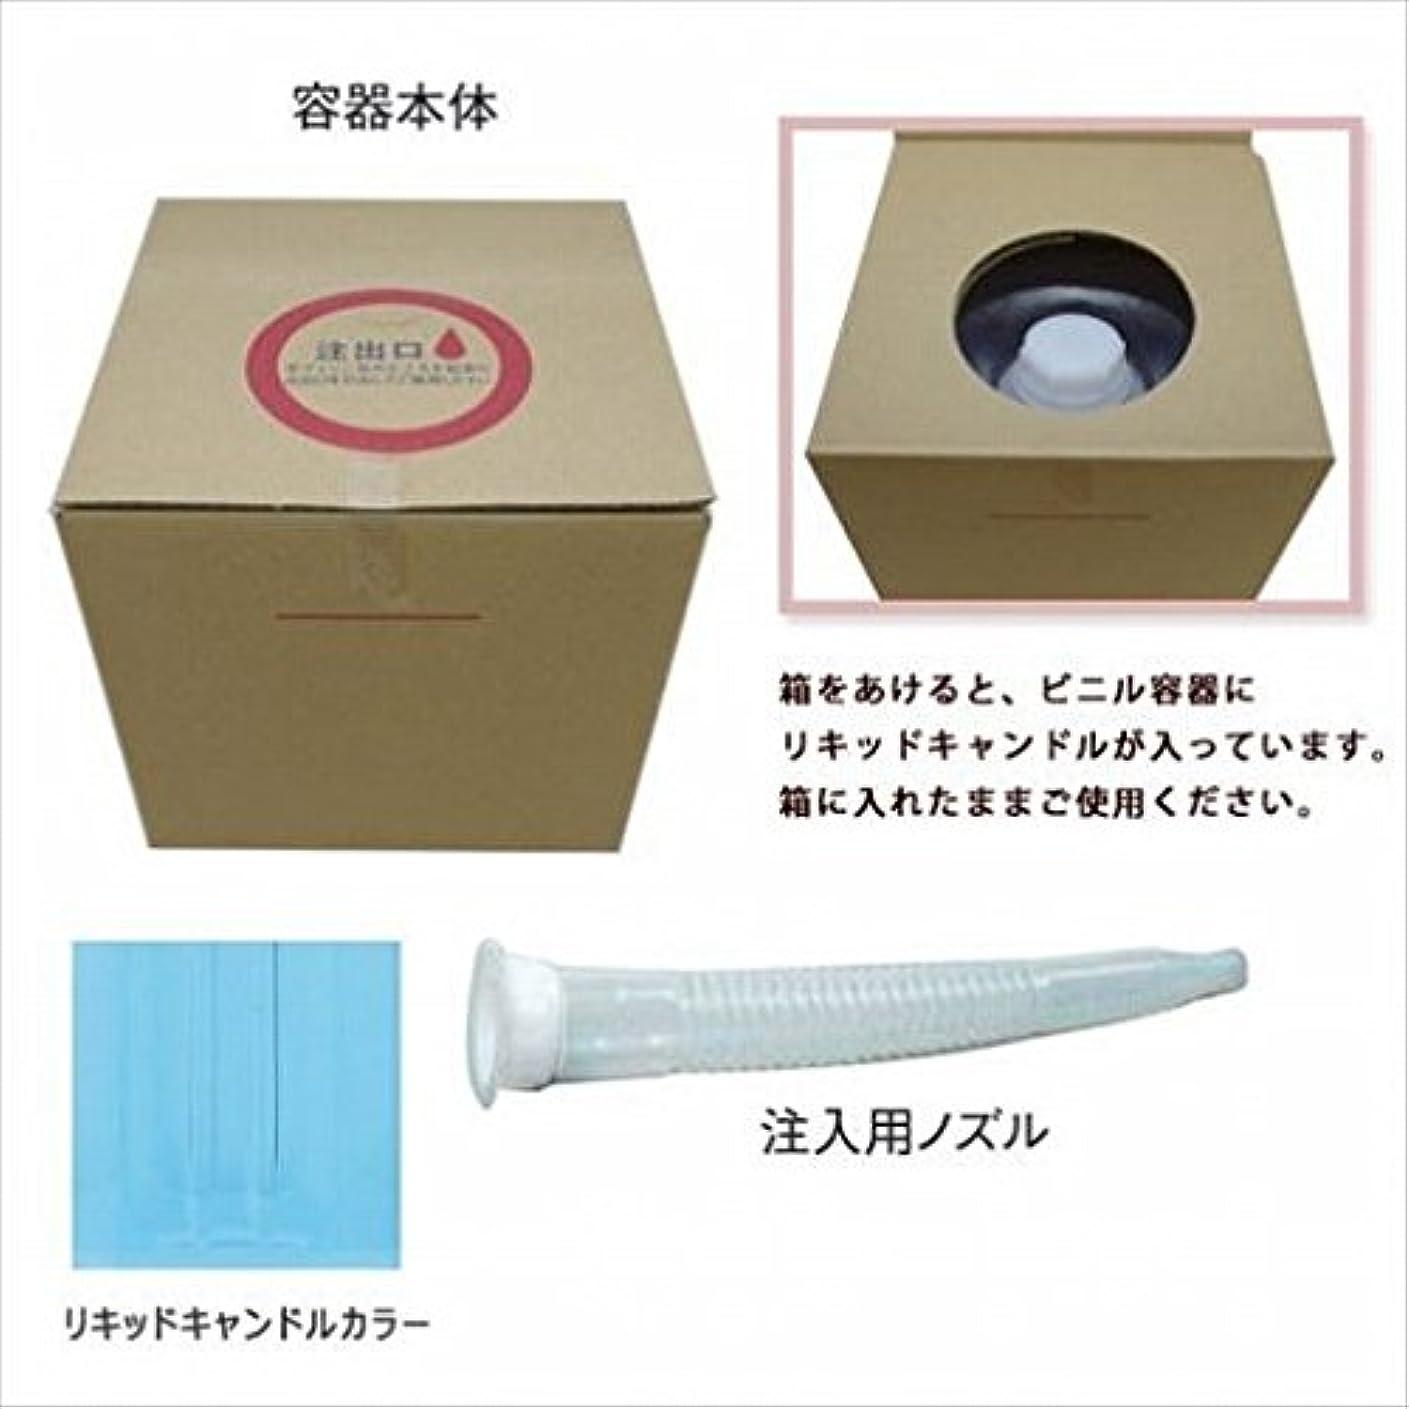 試み持続する劣るkameyama candle(カメヤマキャンドル) リキッドキャンドル5リットル 「 ライトブルー 」(77320000LB)